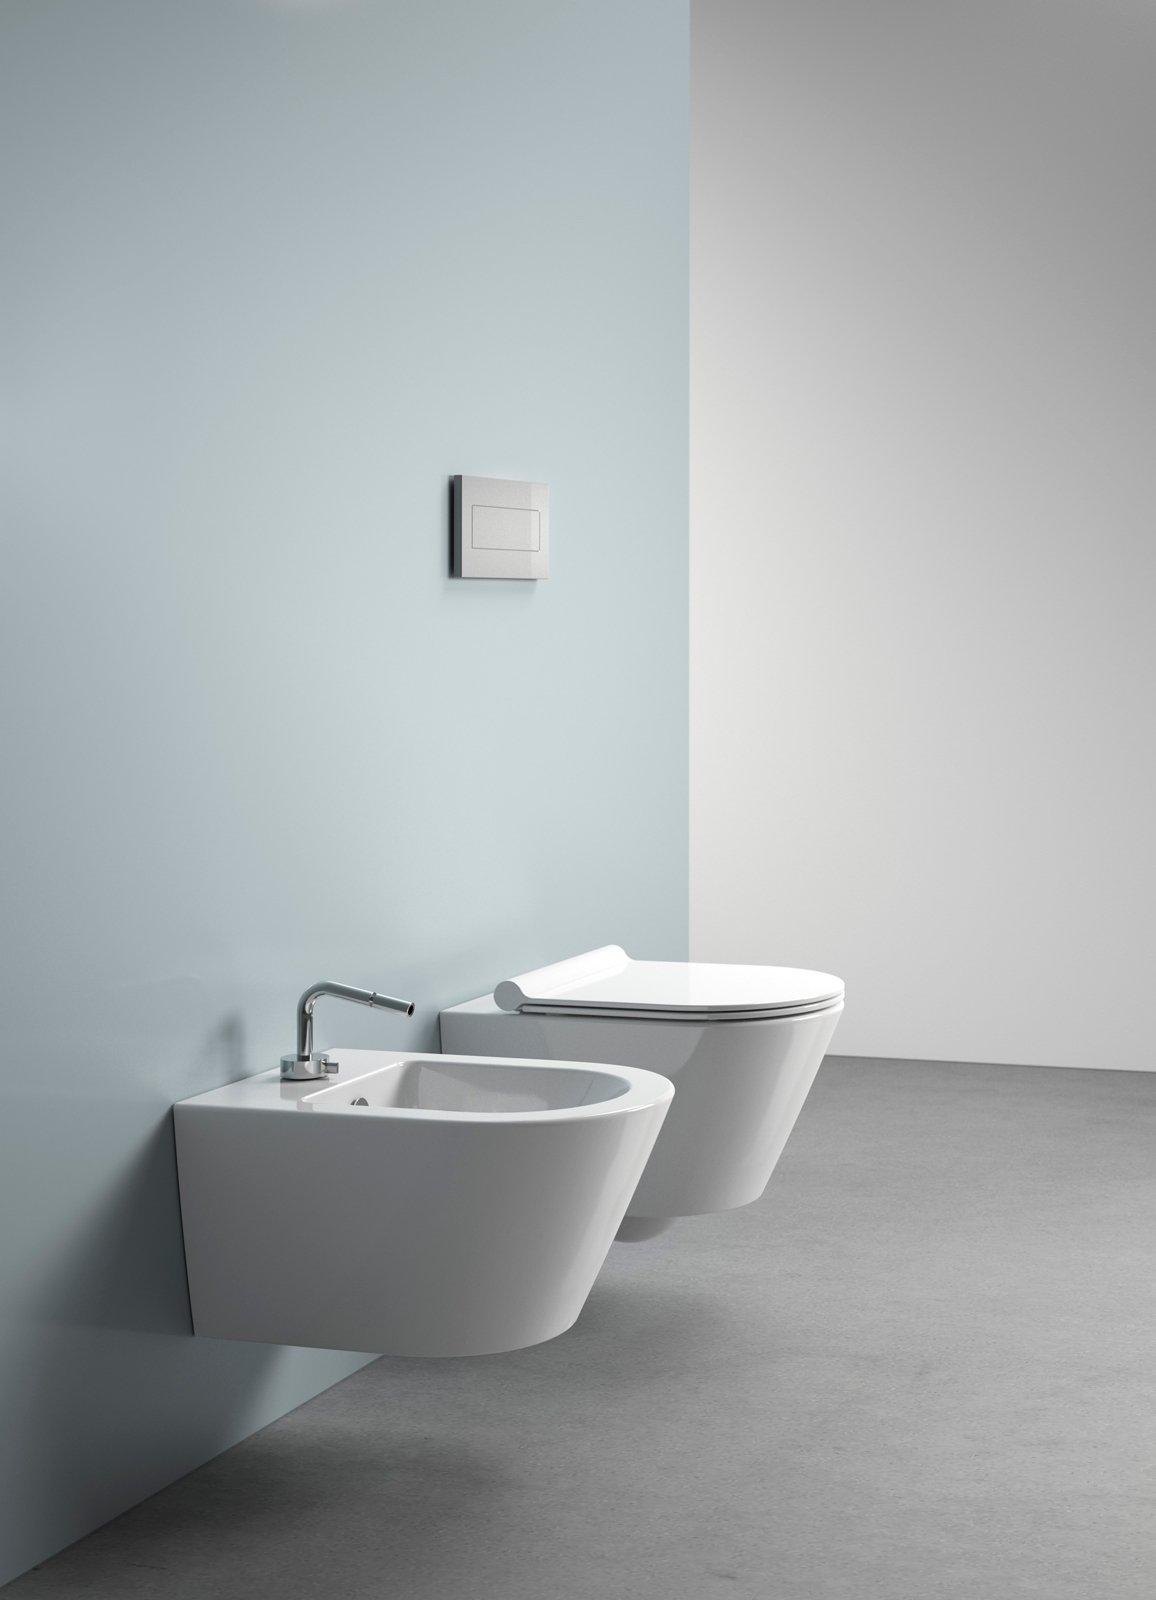 Salvaspazio per il bagno sanitari piccoli cose di casa for Catalano sanitari